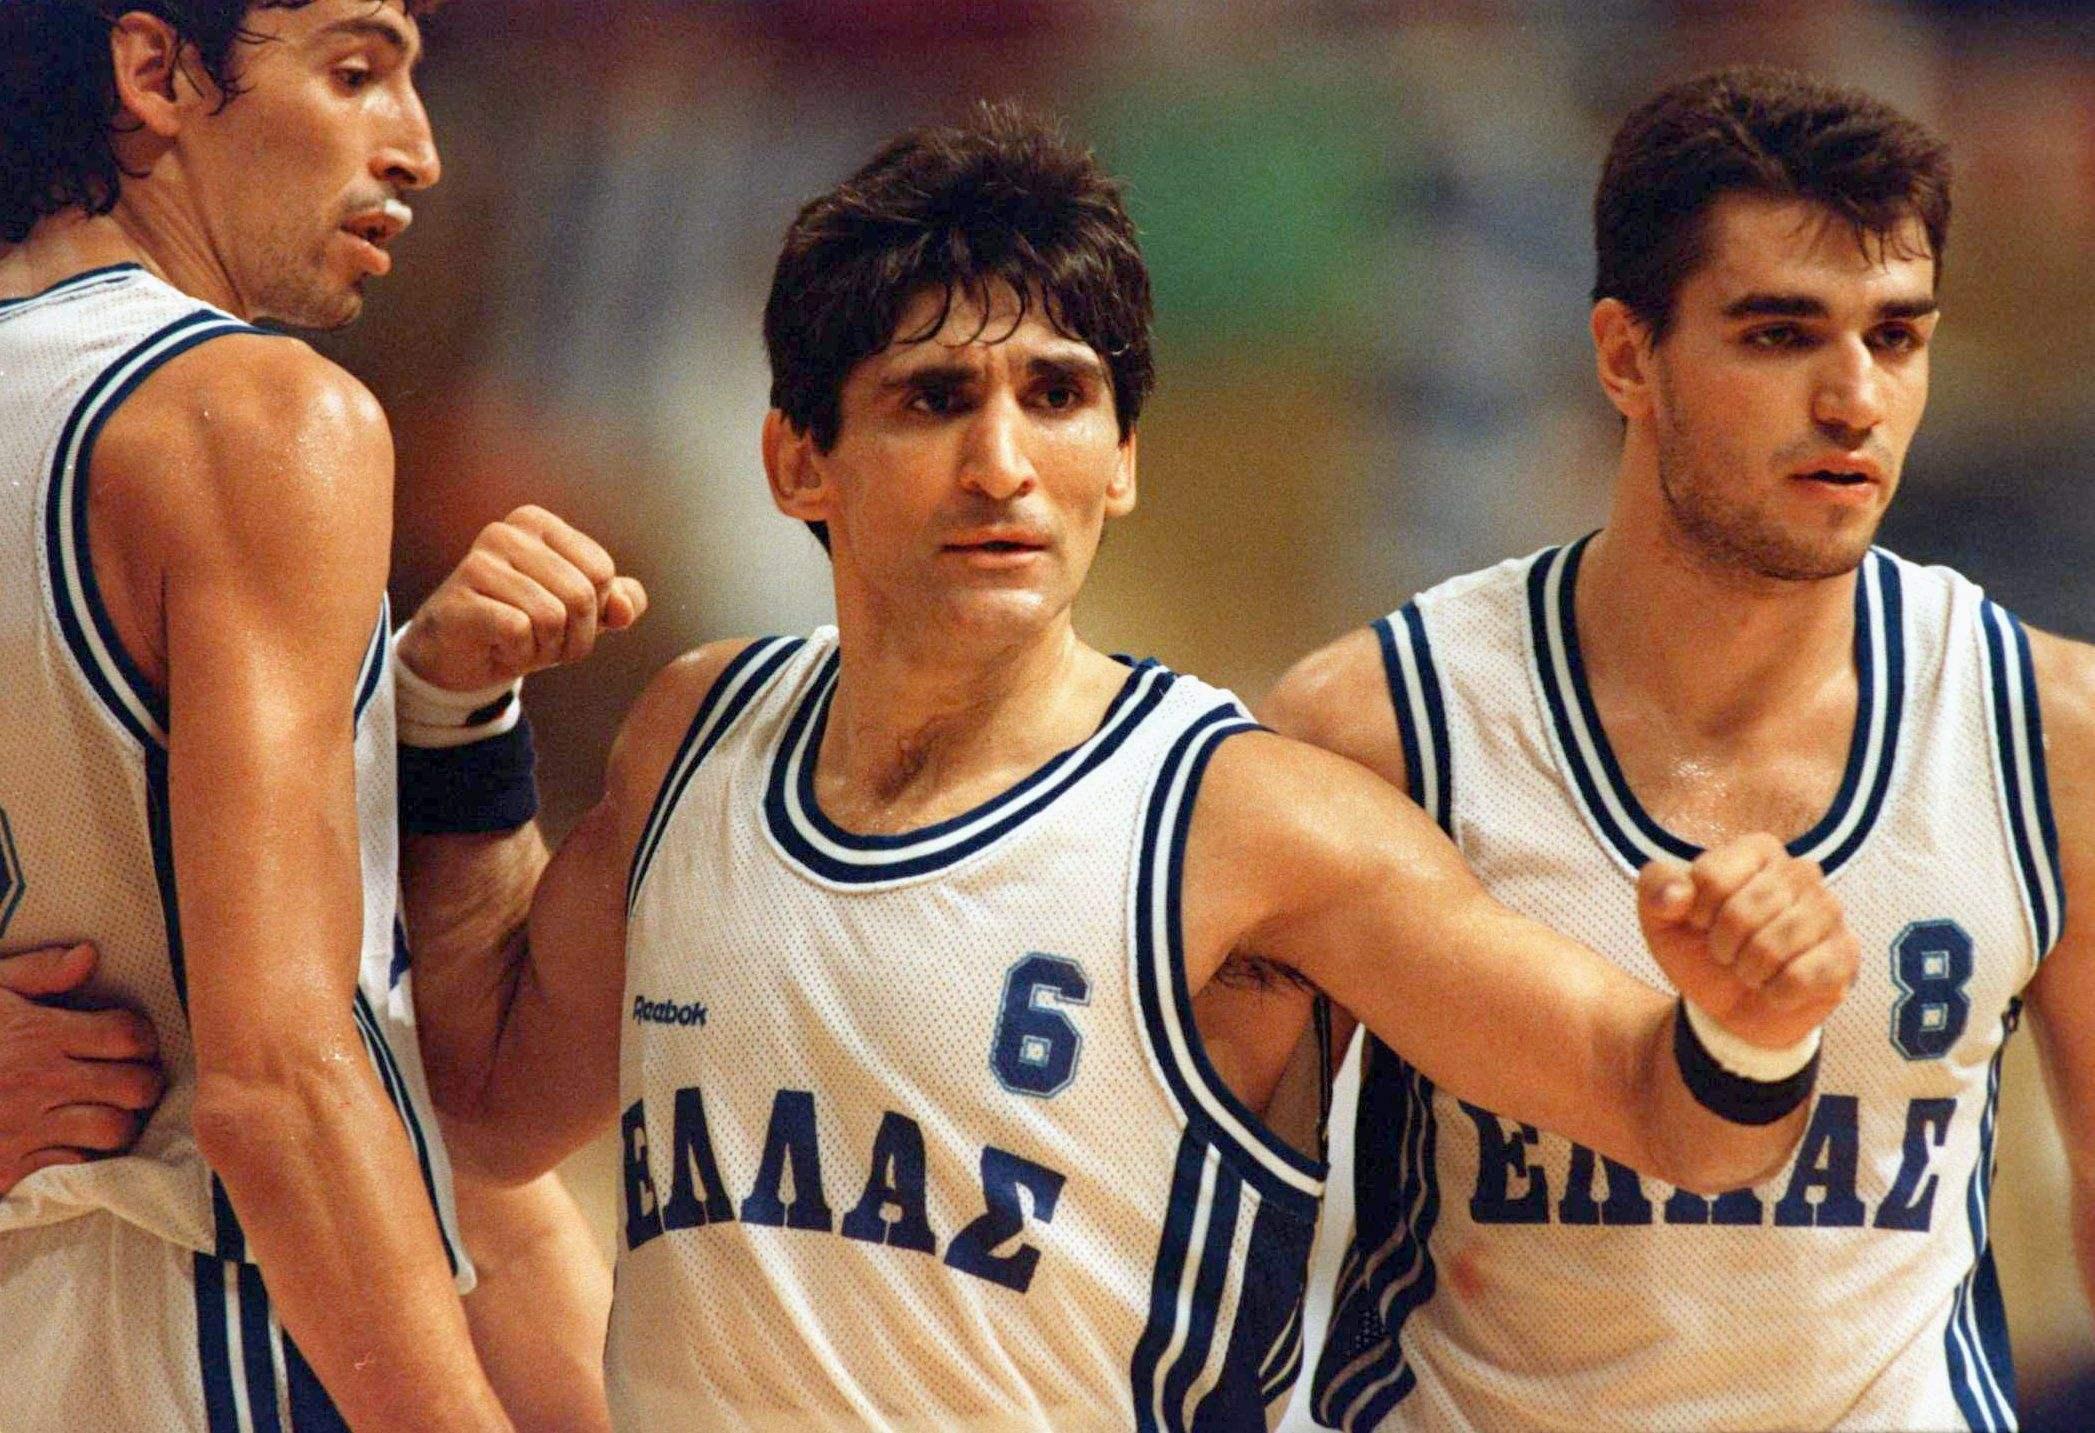 他们干掉诺天王登顶欧洲,打趴詹皇击溃梦之队征服世界,这是一部篮球希腊神话!